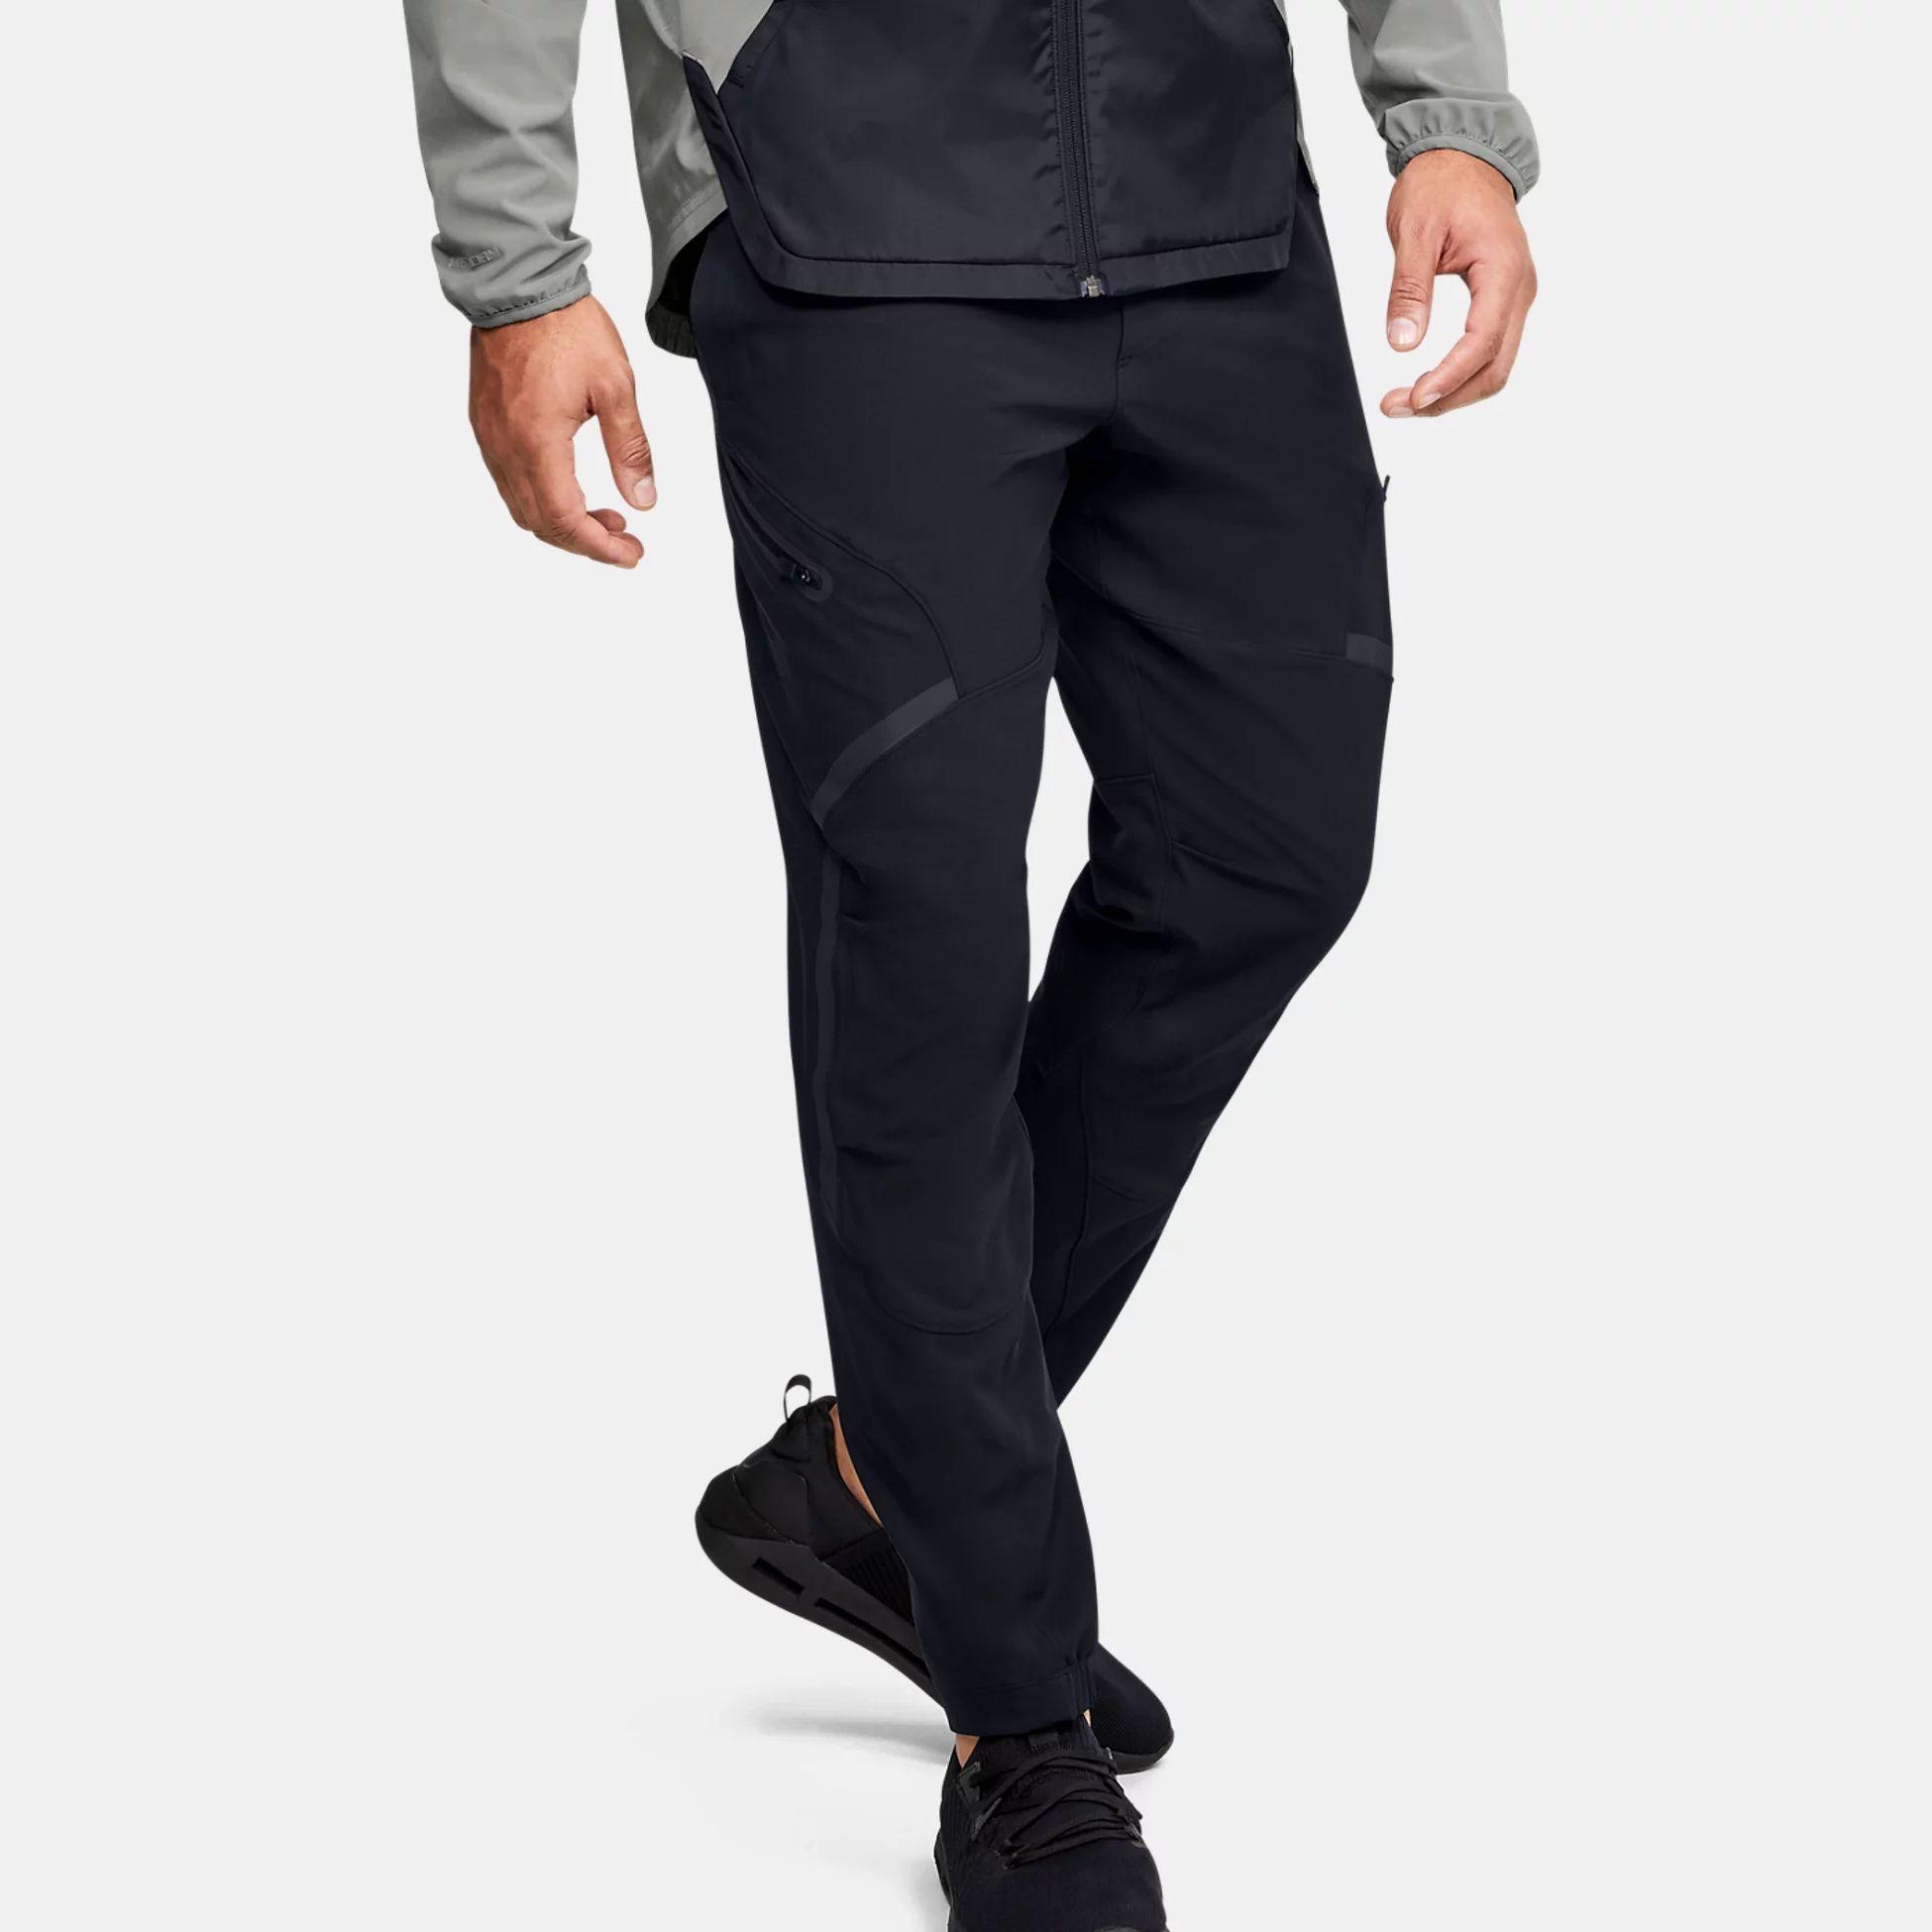 Îmbrăcăminte -  under armour Unstoppable Cargo Pants 2026